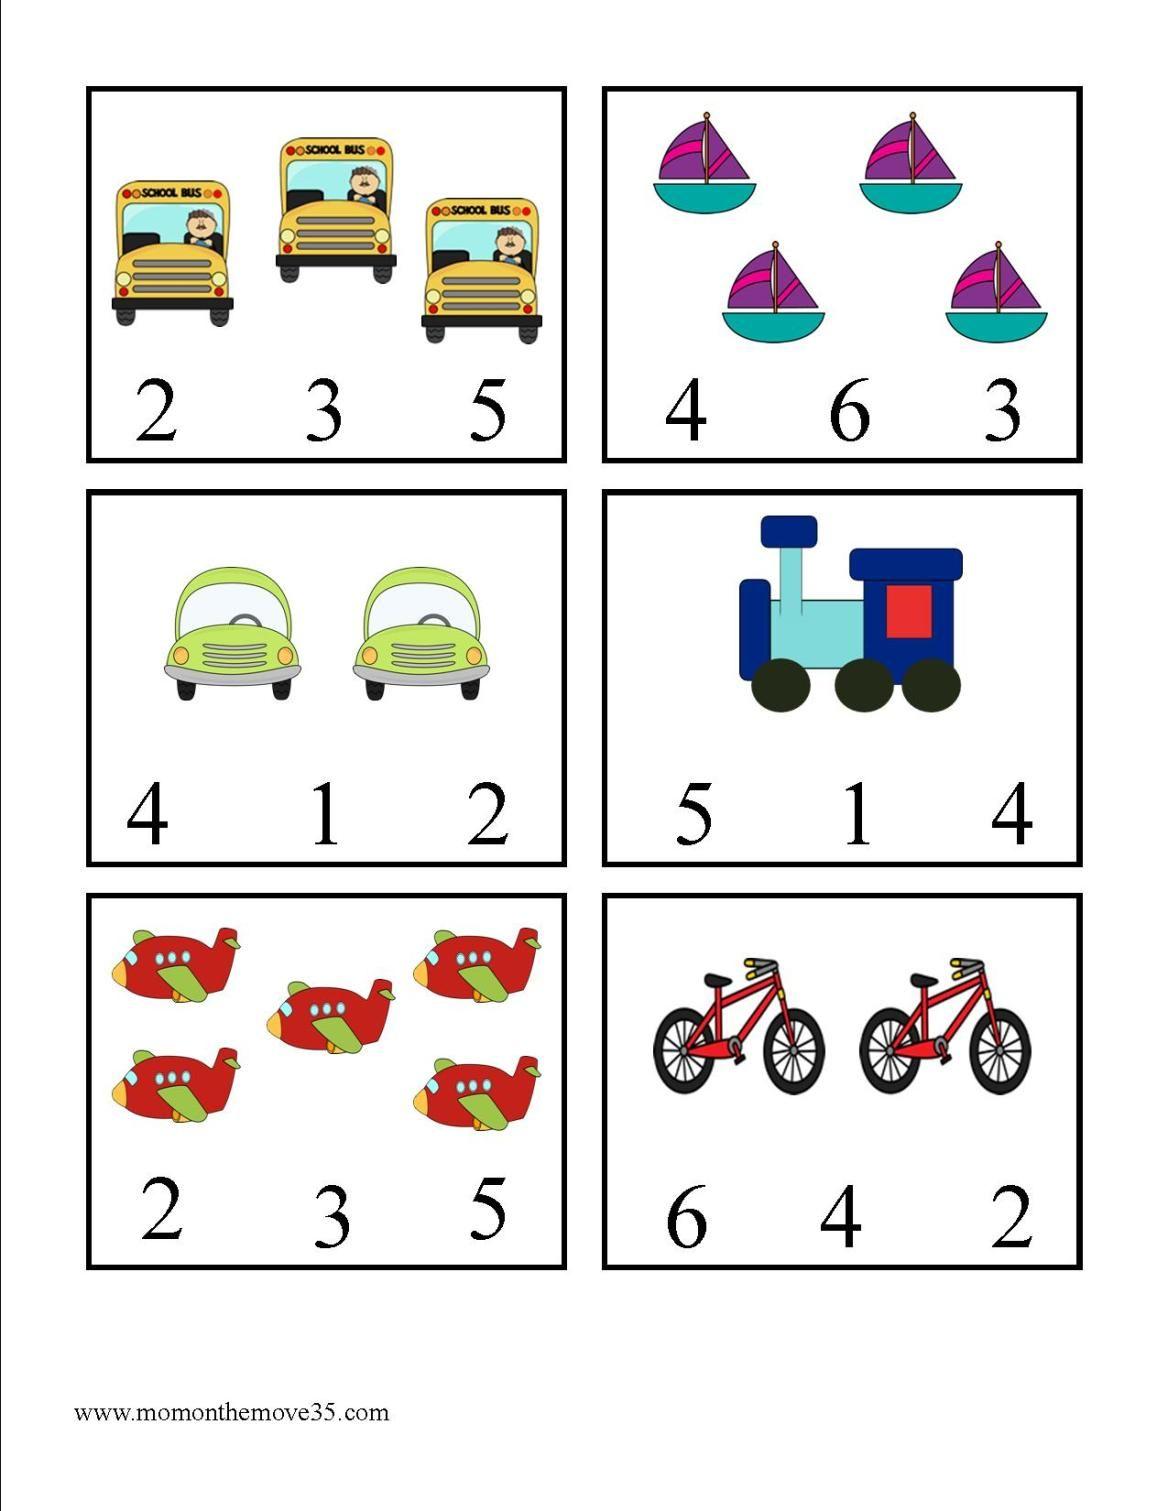 Transportation Activities For Preschoolers In